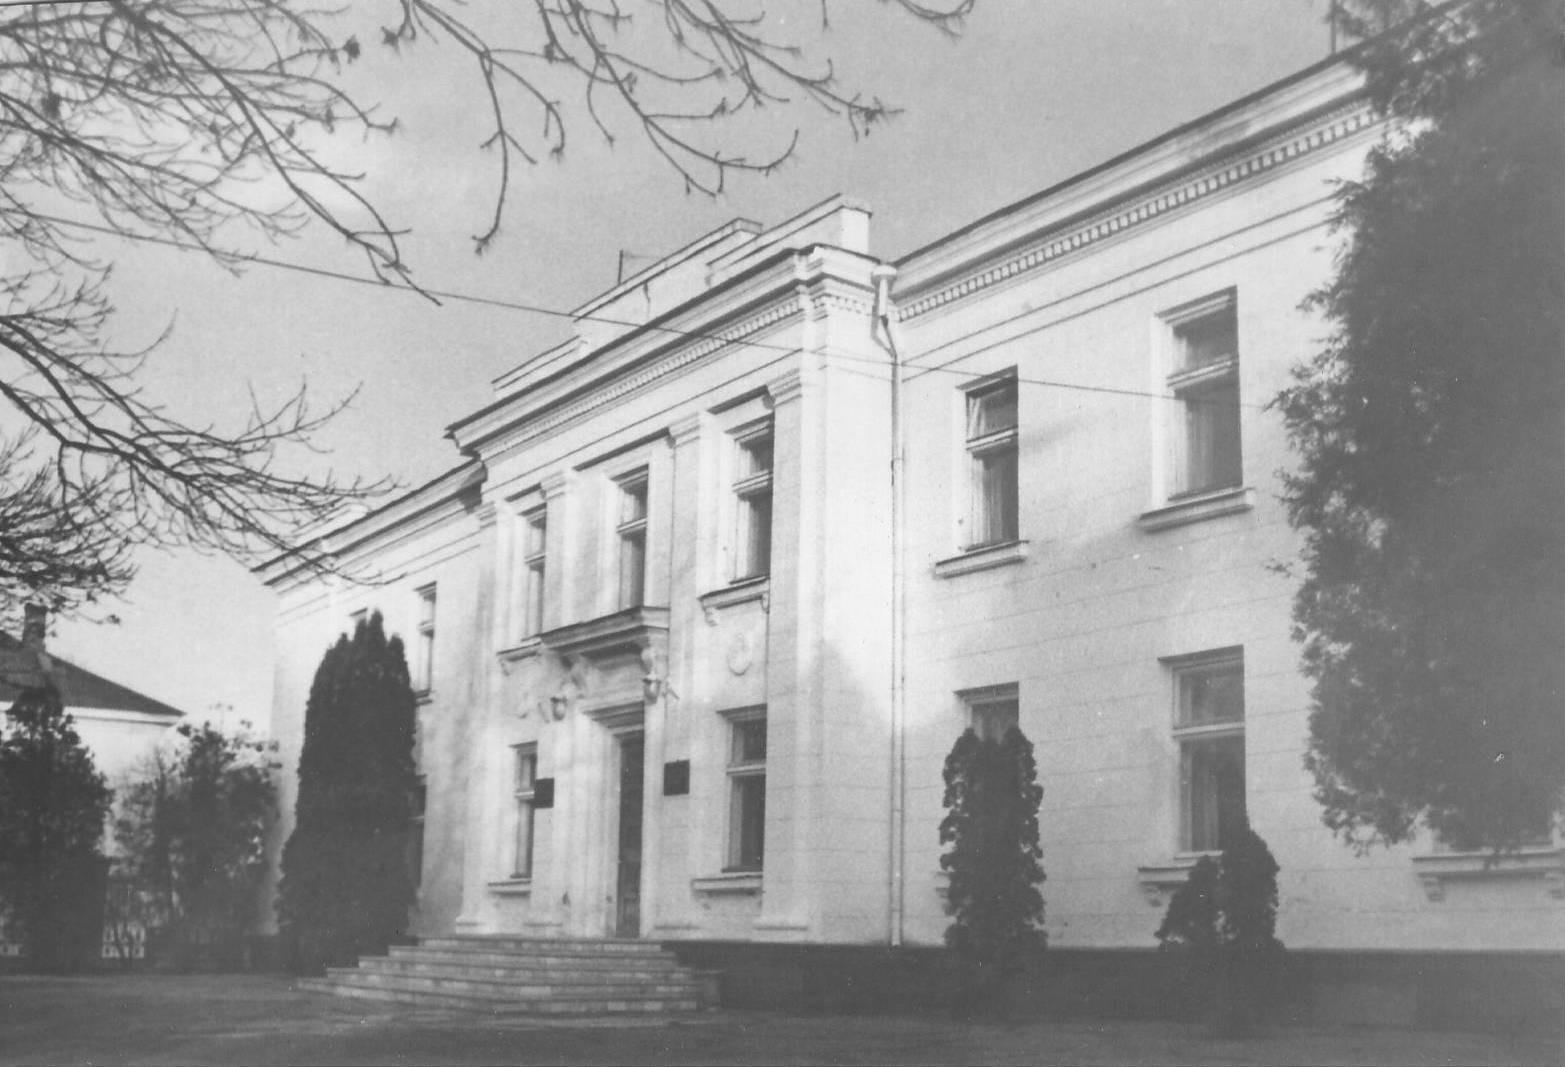 Здание бывшего райкома КПСС, сейчас, как вы знаете, здание суда, фотографию прислал Александр Лысенко